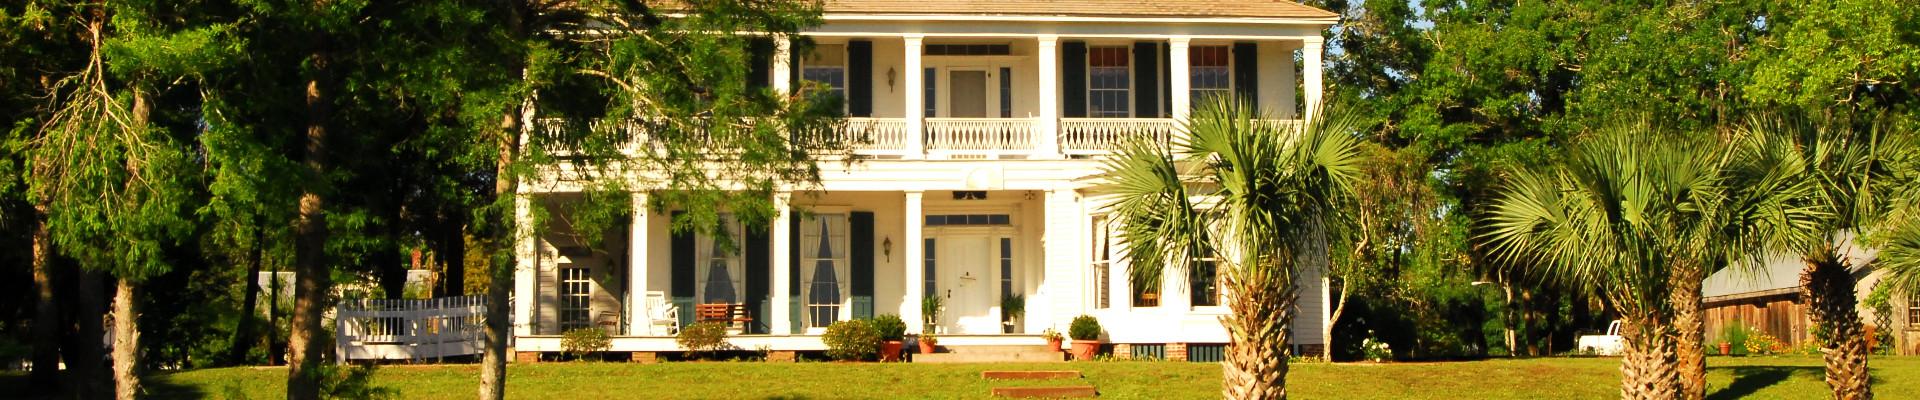 orman house slide